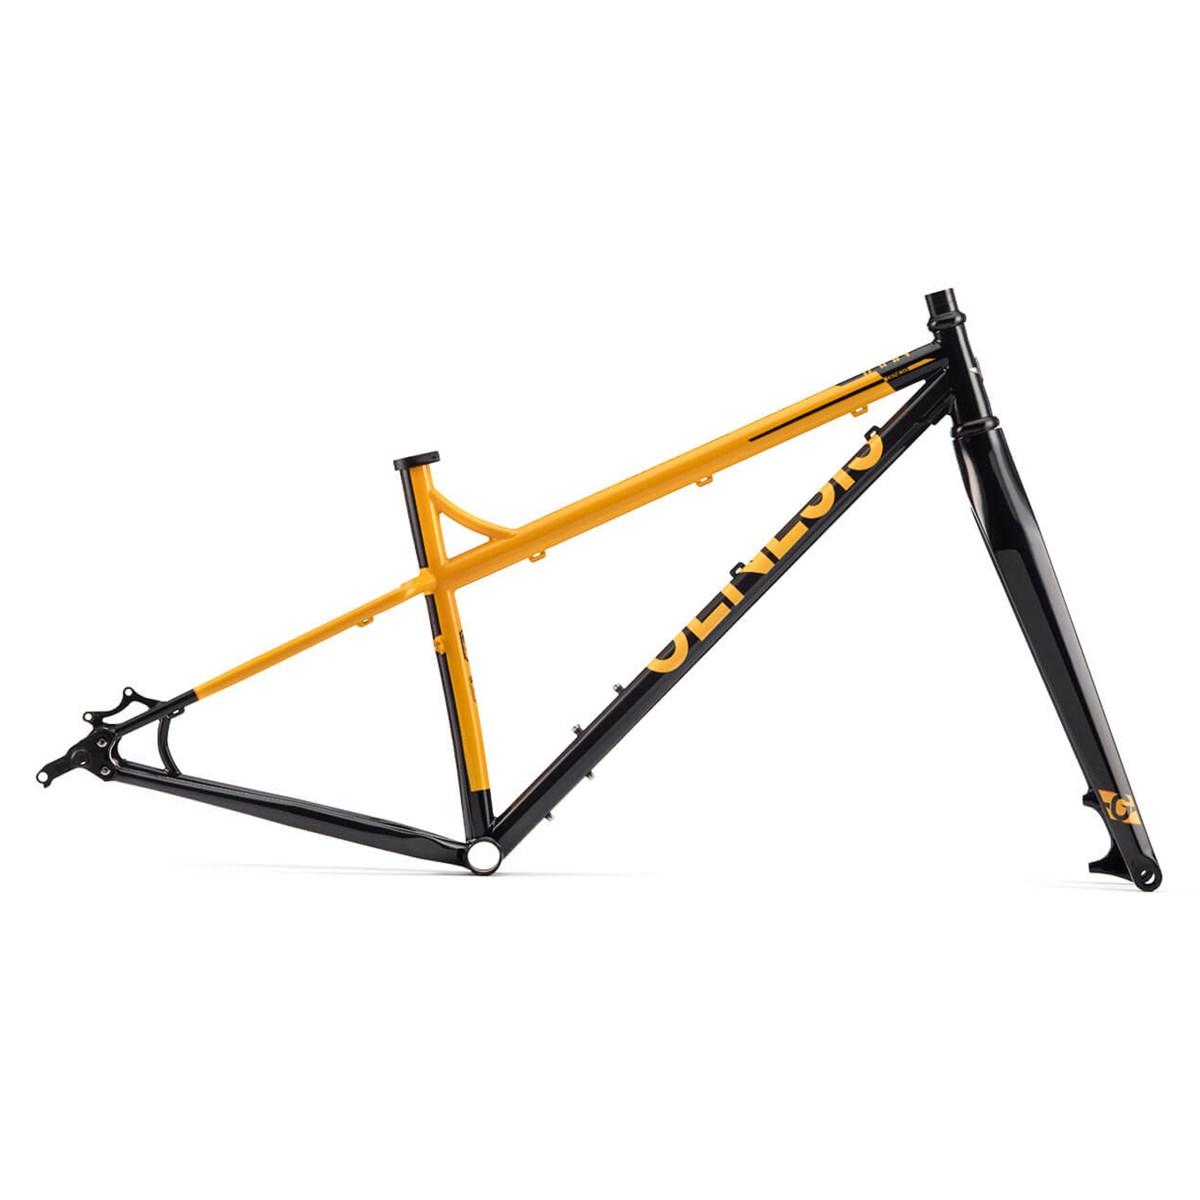 2017 Genesis Tarn Frameset £599.99